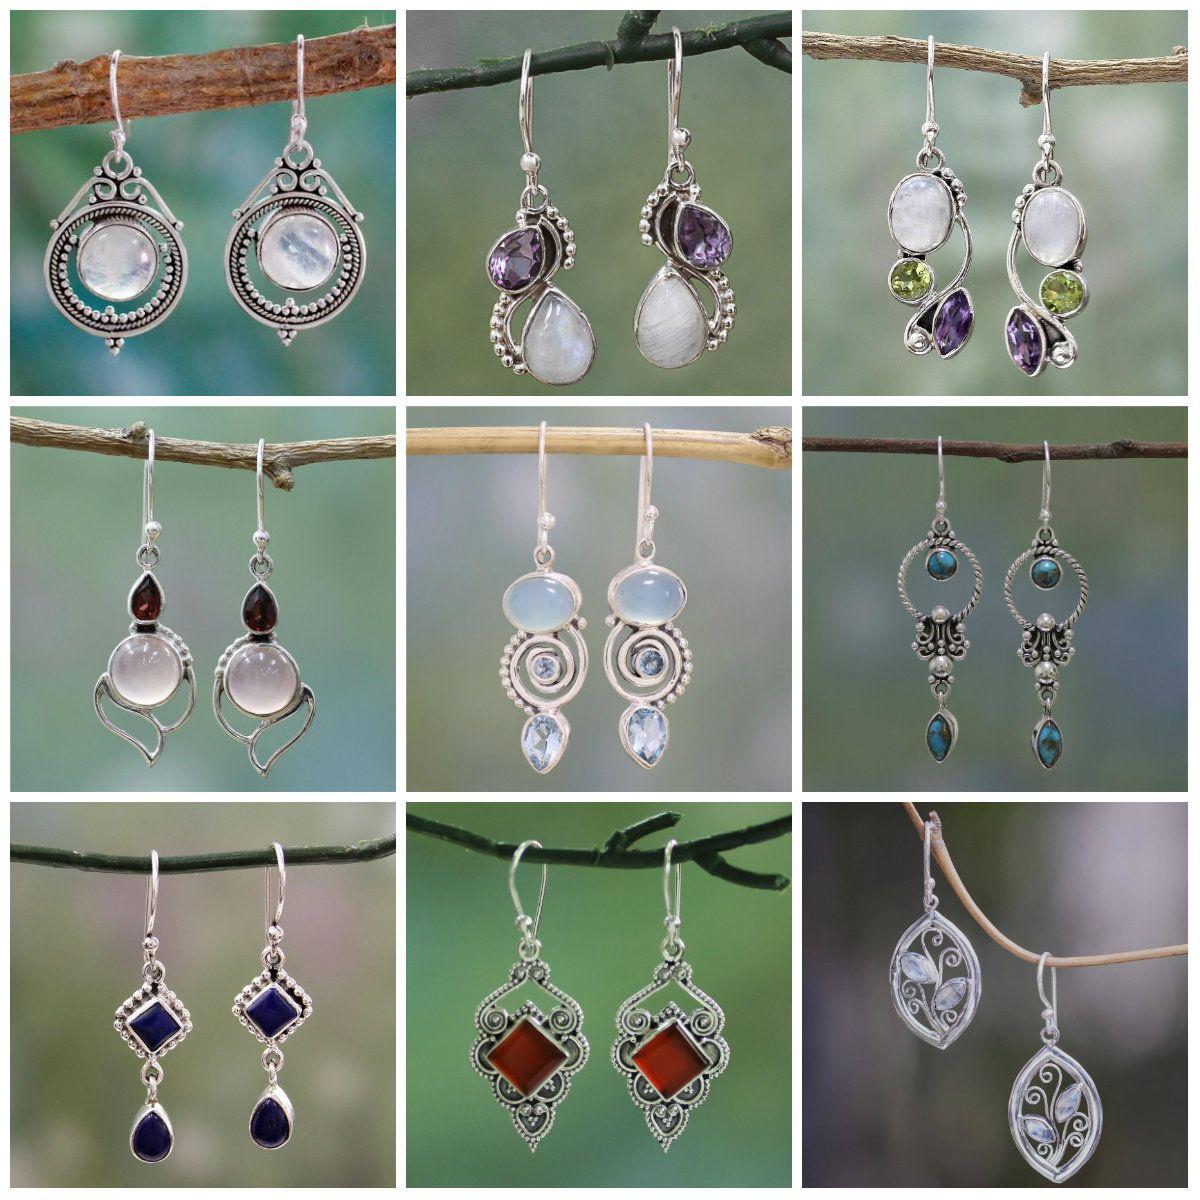 Topaz Earrings Crystal Water Drop Spiral Flower Earrings Retro Ear Rings